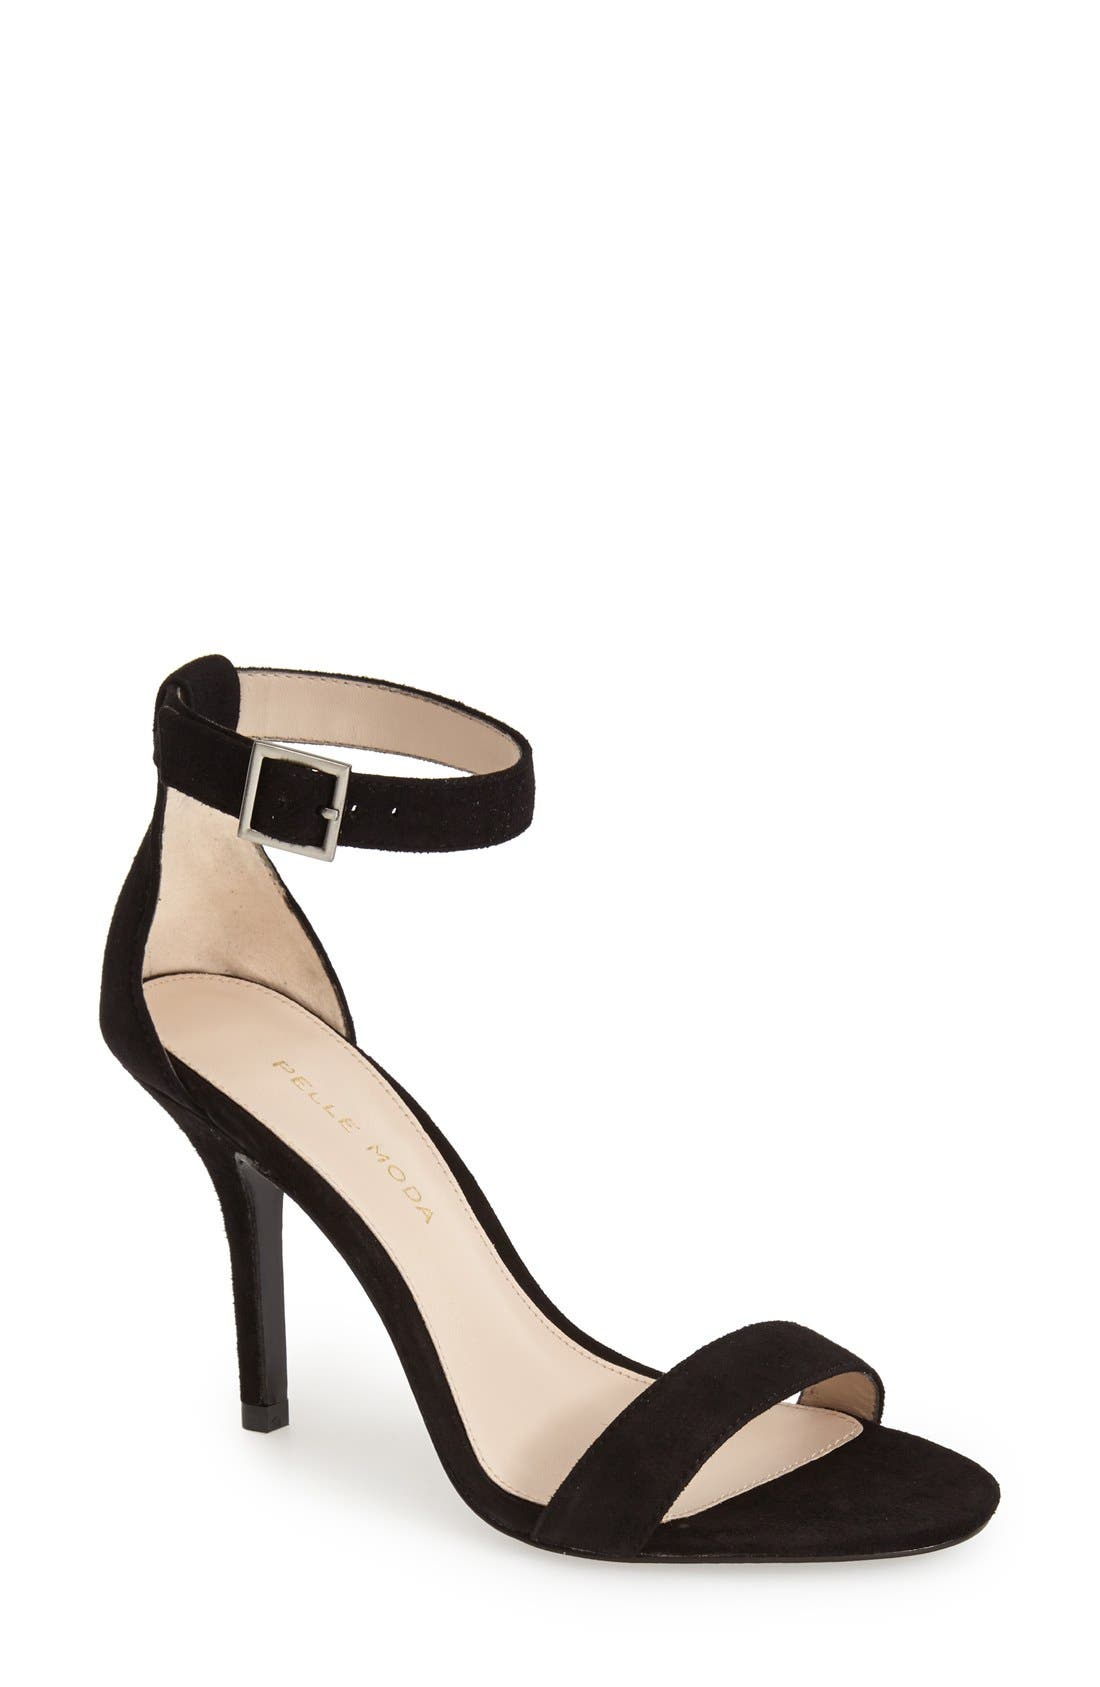 Pelle Moda 'Kacey' Ankle Strap Sandal